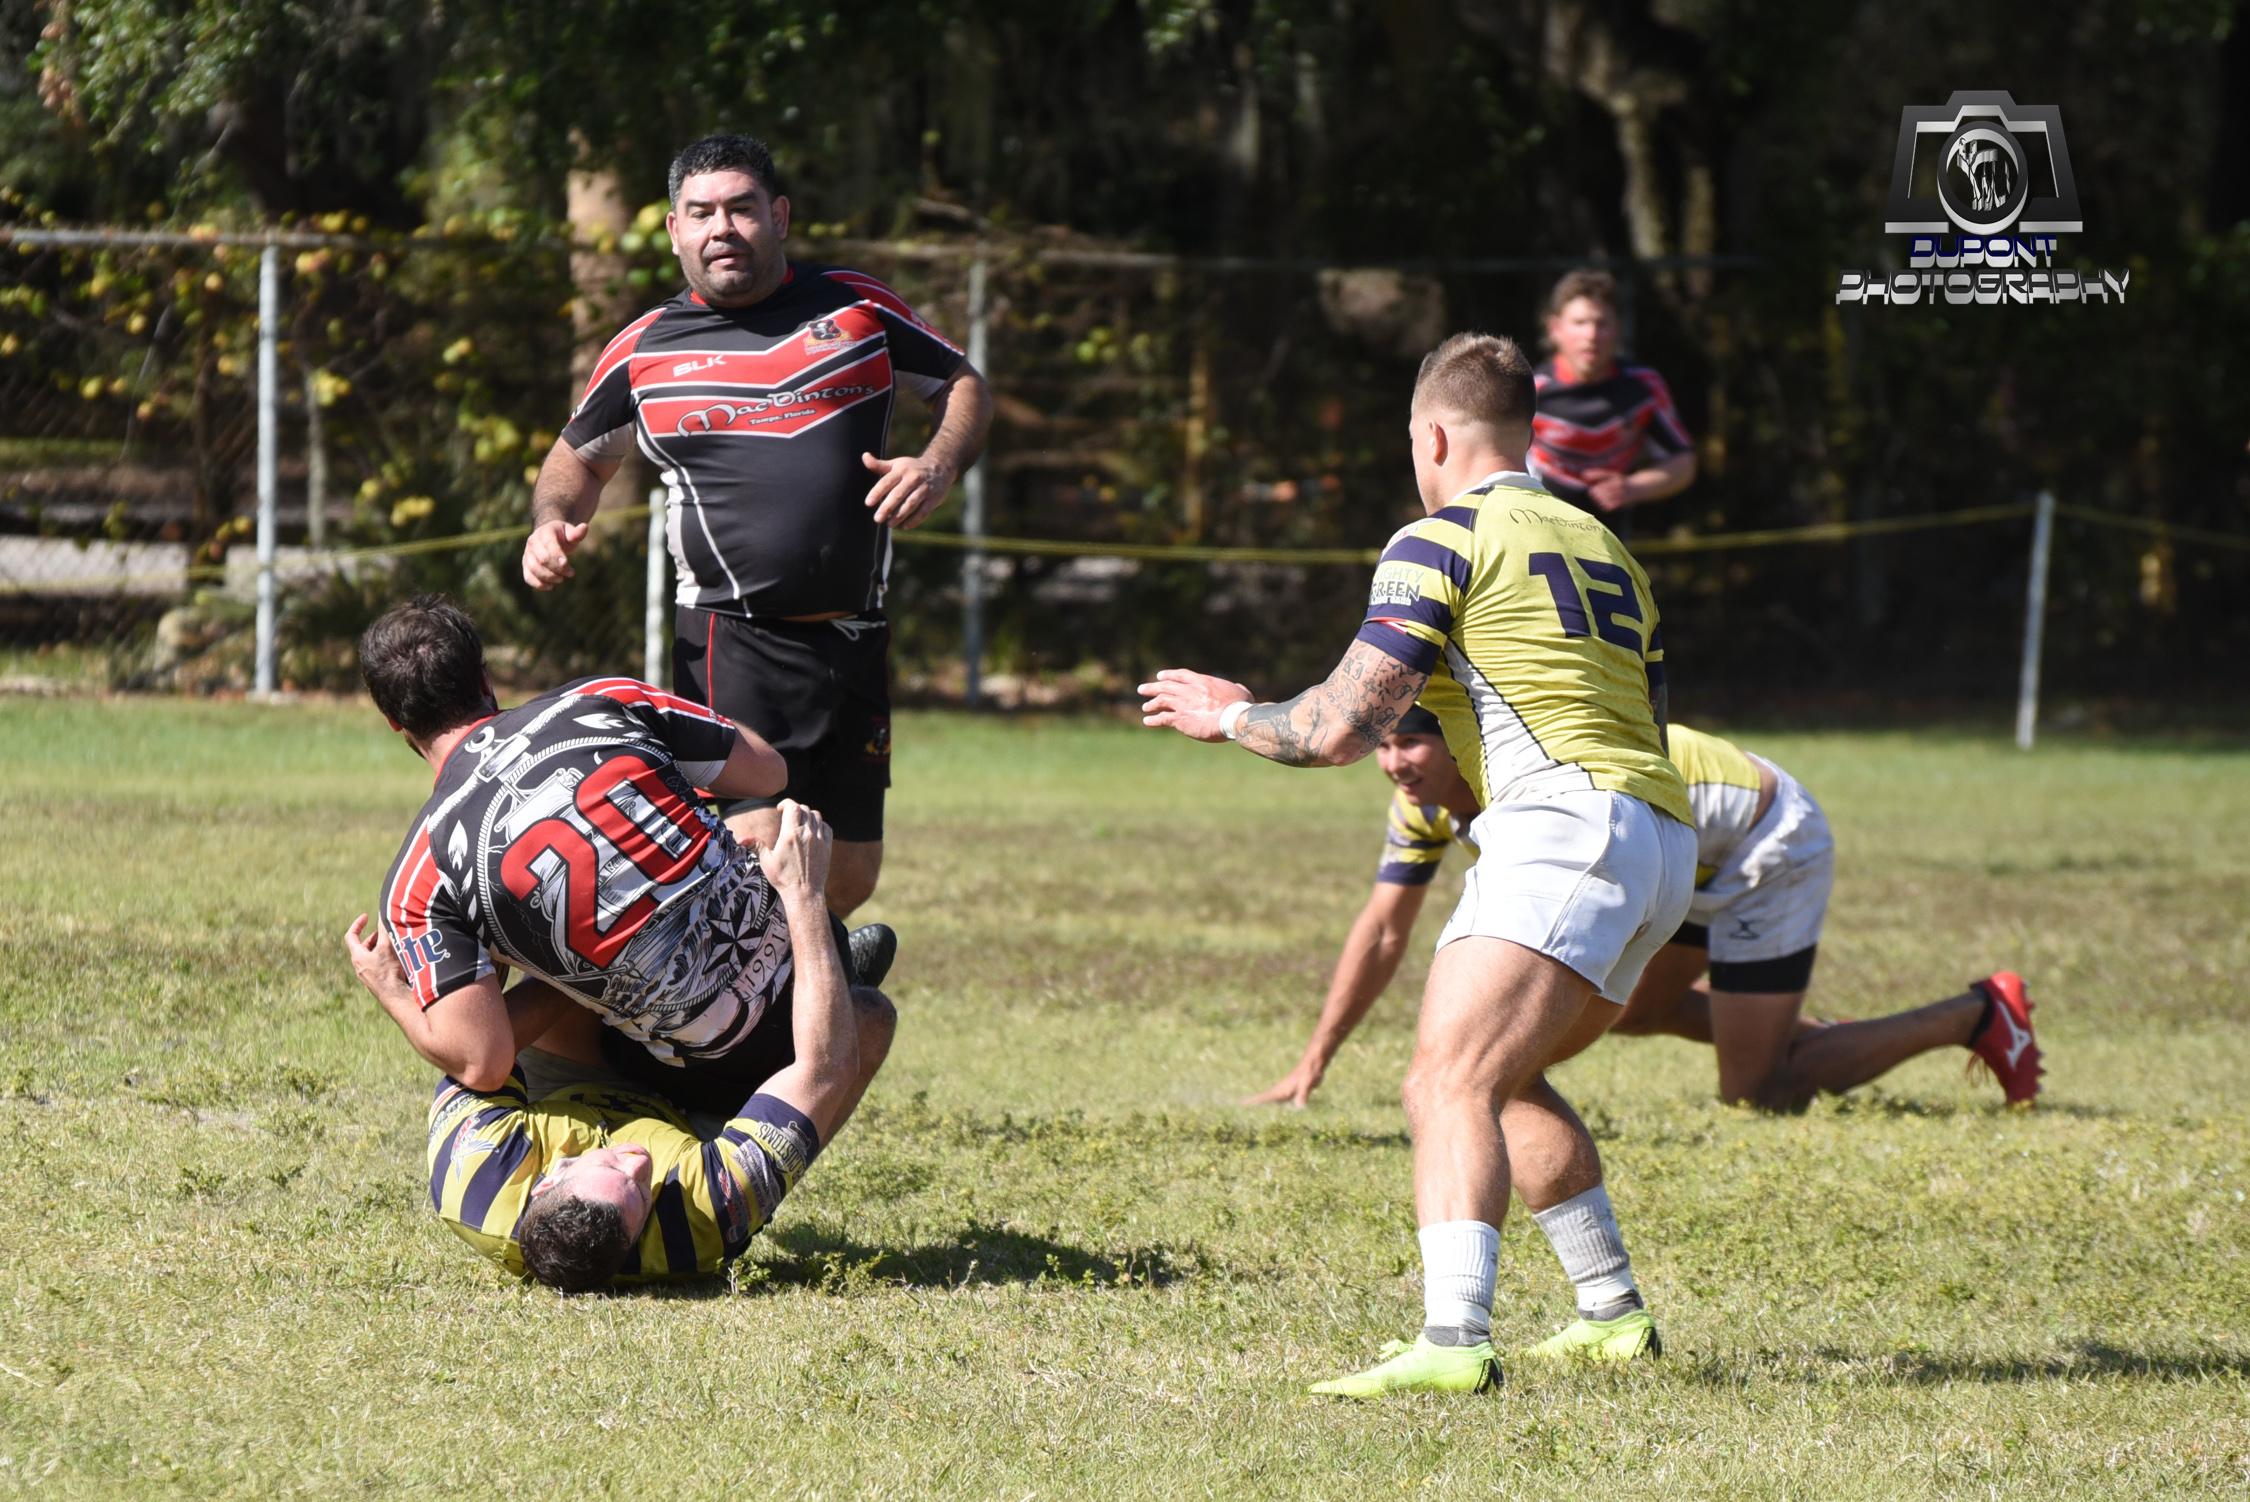 2019-01-19 Rugby-694-1.jpg